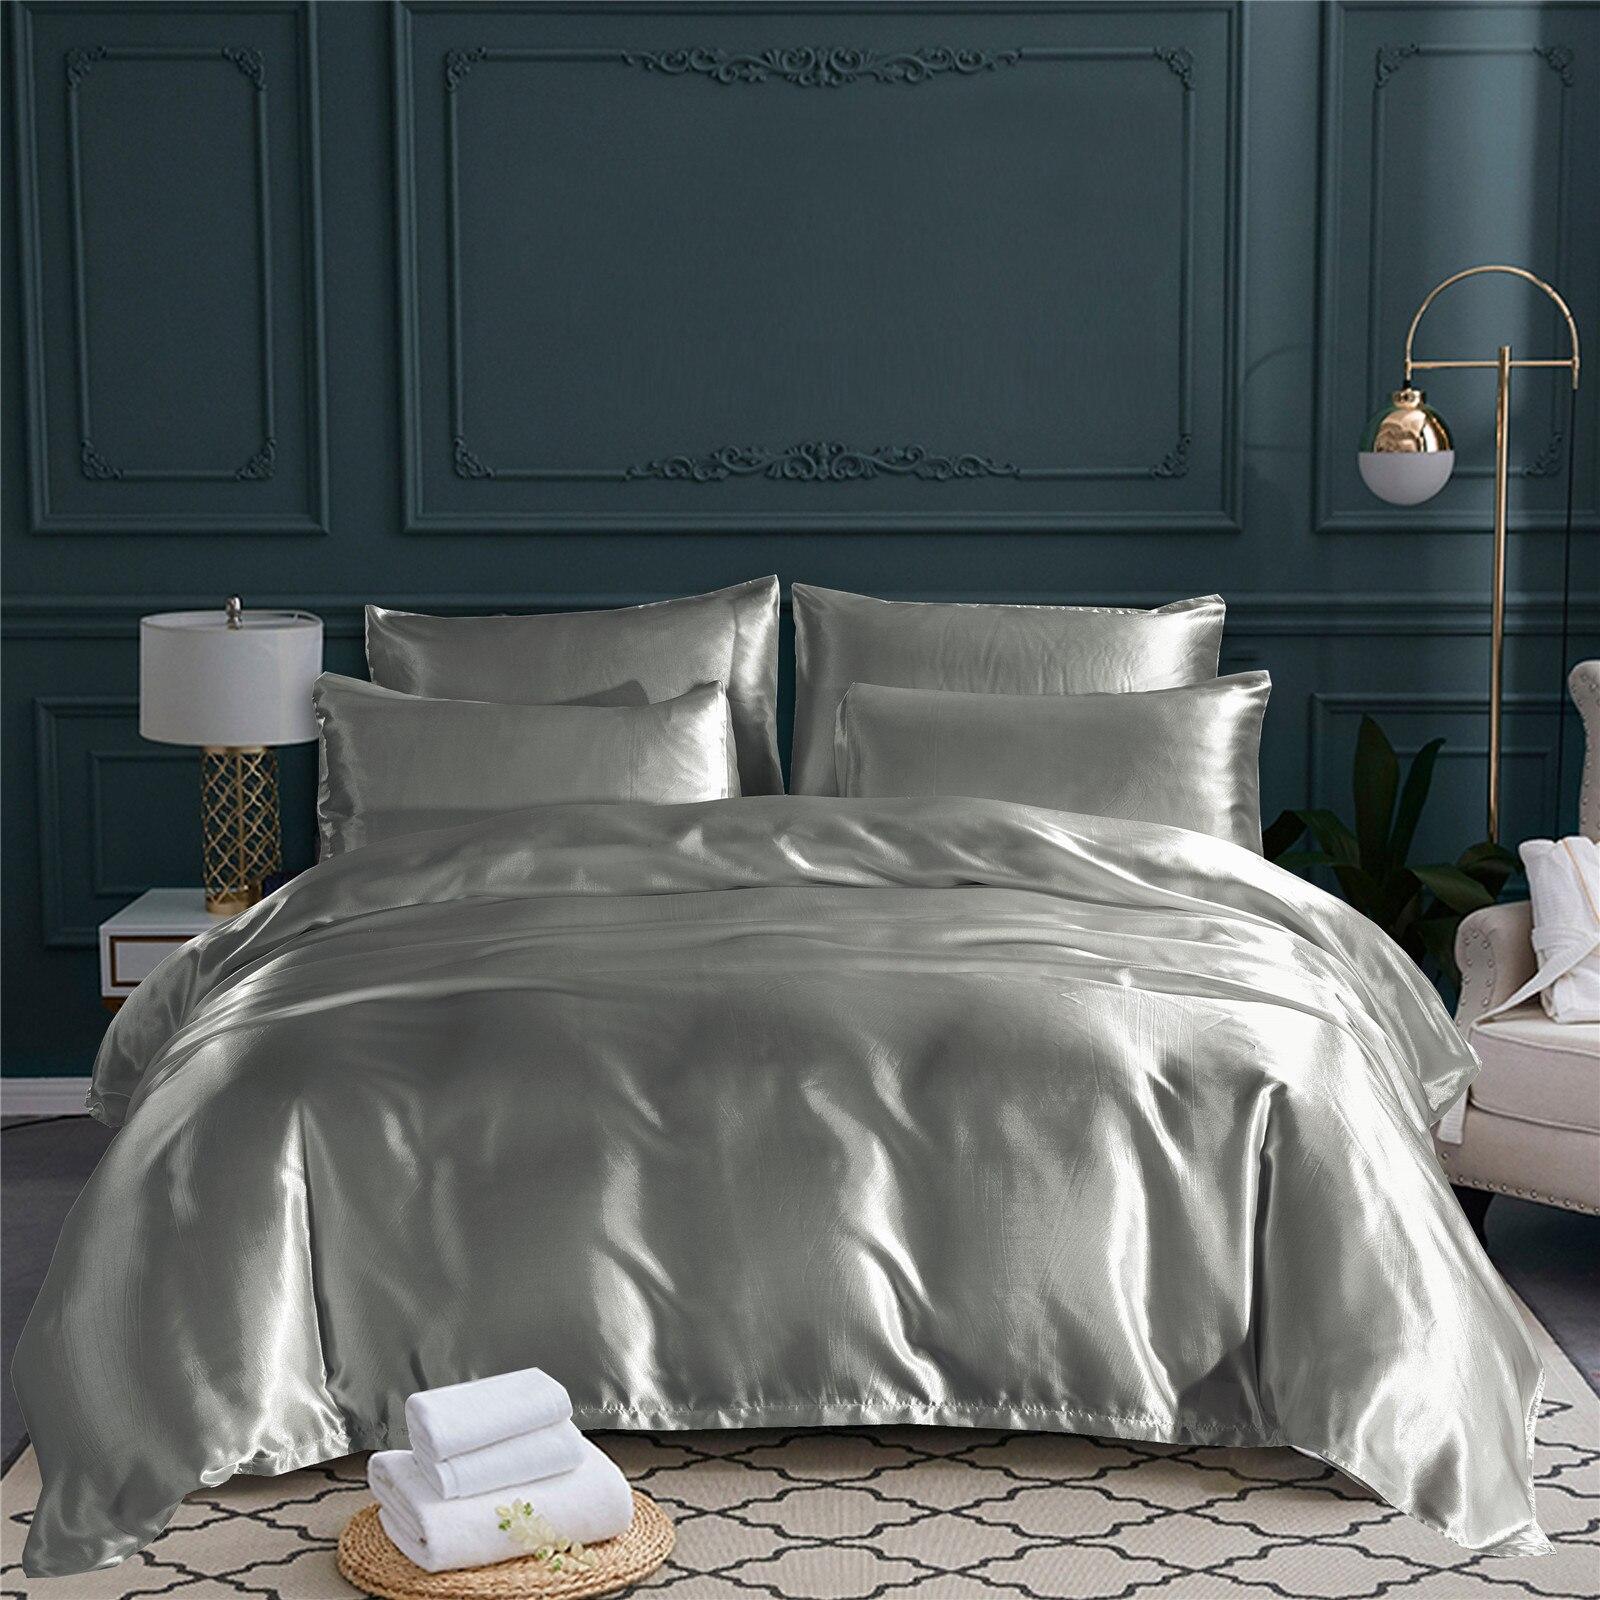 البوليستر الحرير الفراش طقم أغطية الحرير الصلبة للمنزل فندق لينة مريحة 3 قطعة مع المخدة حاف مجموعة غطاء